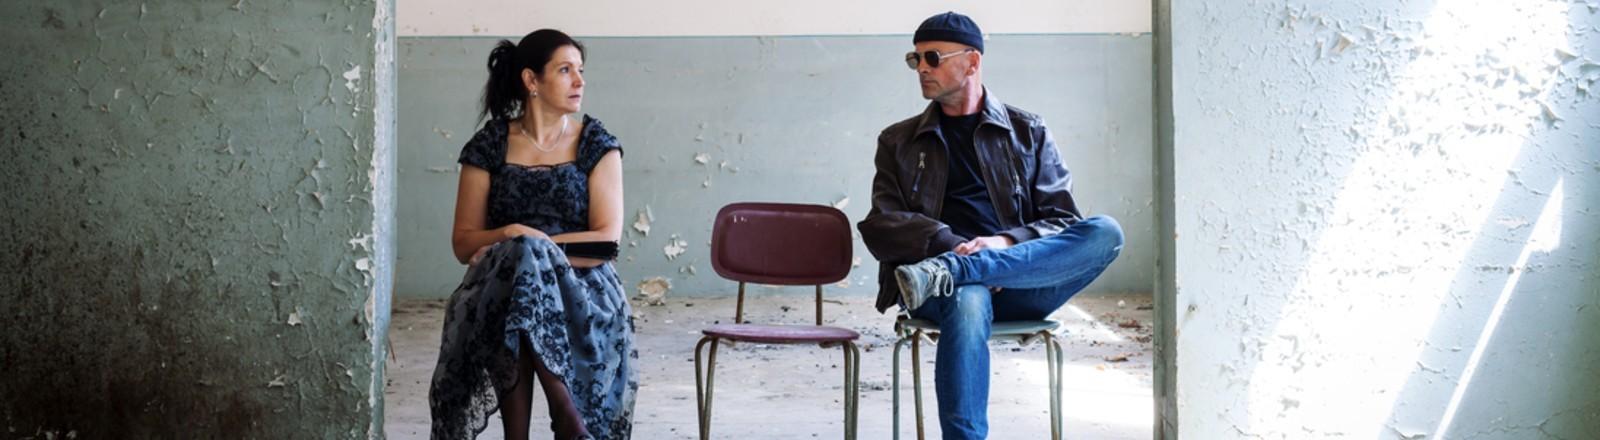 Eine Frau und ein Mann sitzen in einer leeren Halle auf Stühlen und blicken sich vorwurfsvoll an.